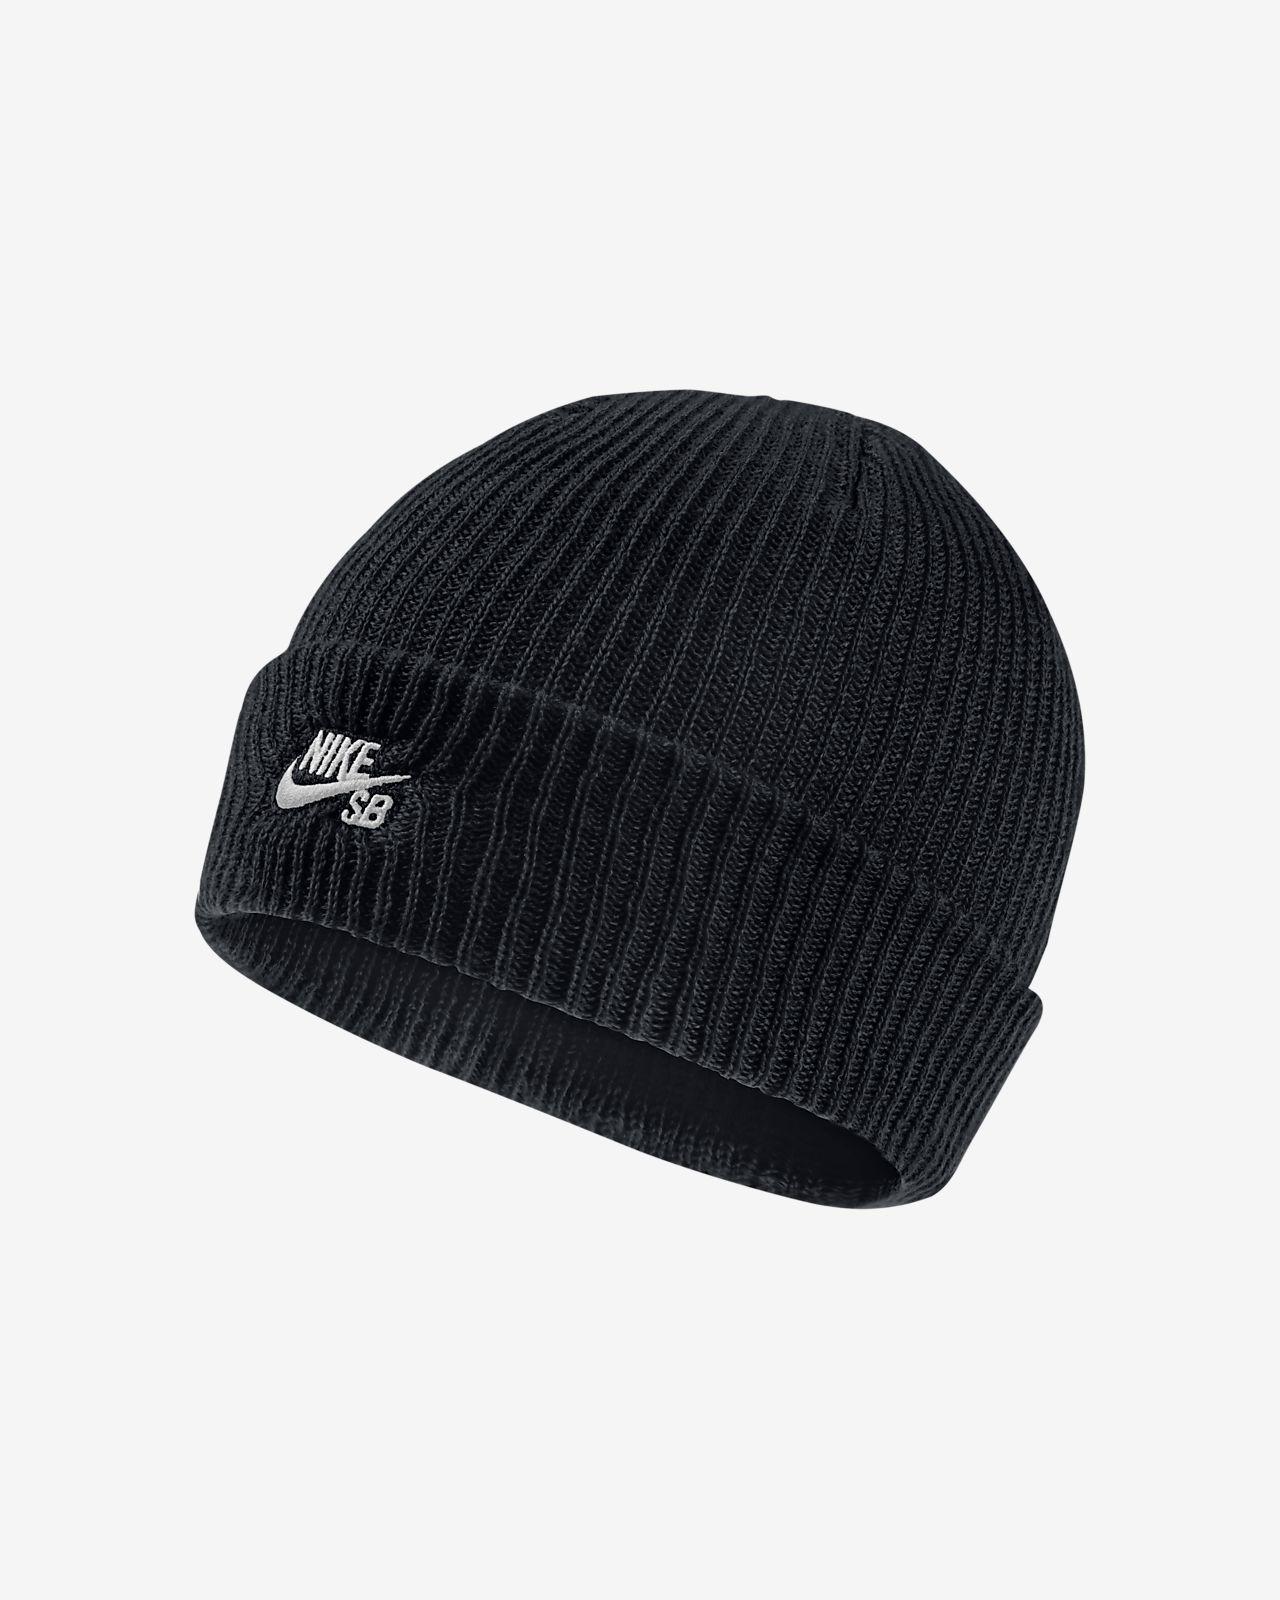 3c498f2a2f0906 Nike SB Fisherman Knit Hat. Nike.com